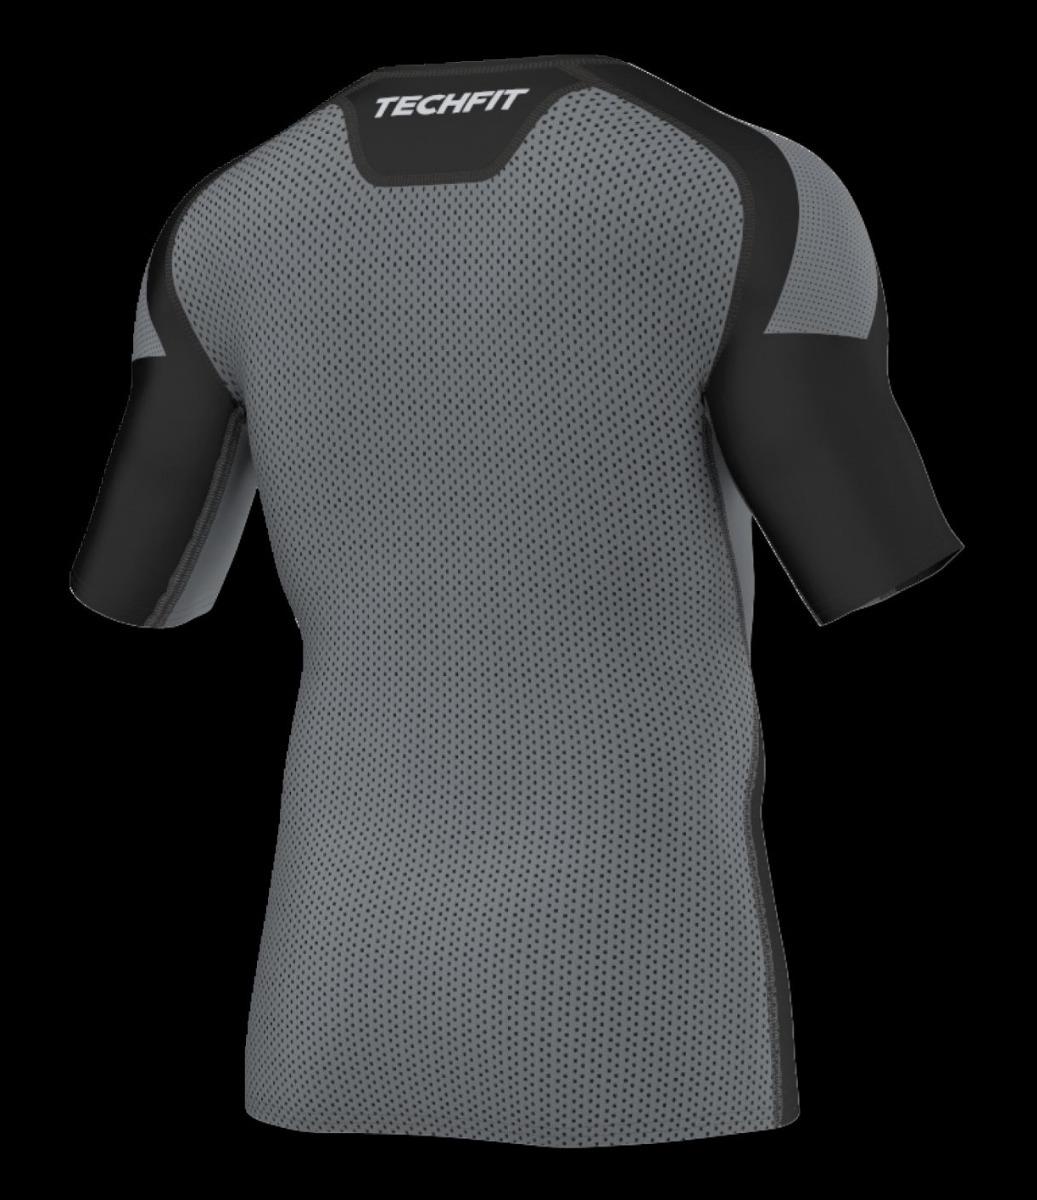 camisa compressão adidas techfit climacool alta performance. Carregando  zoom. be814a665b297